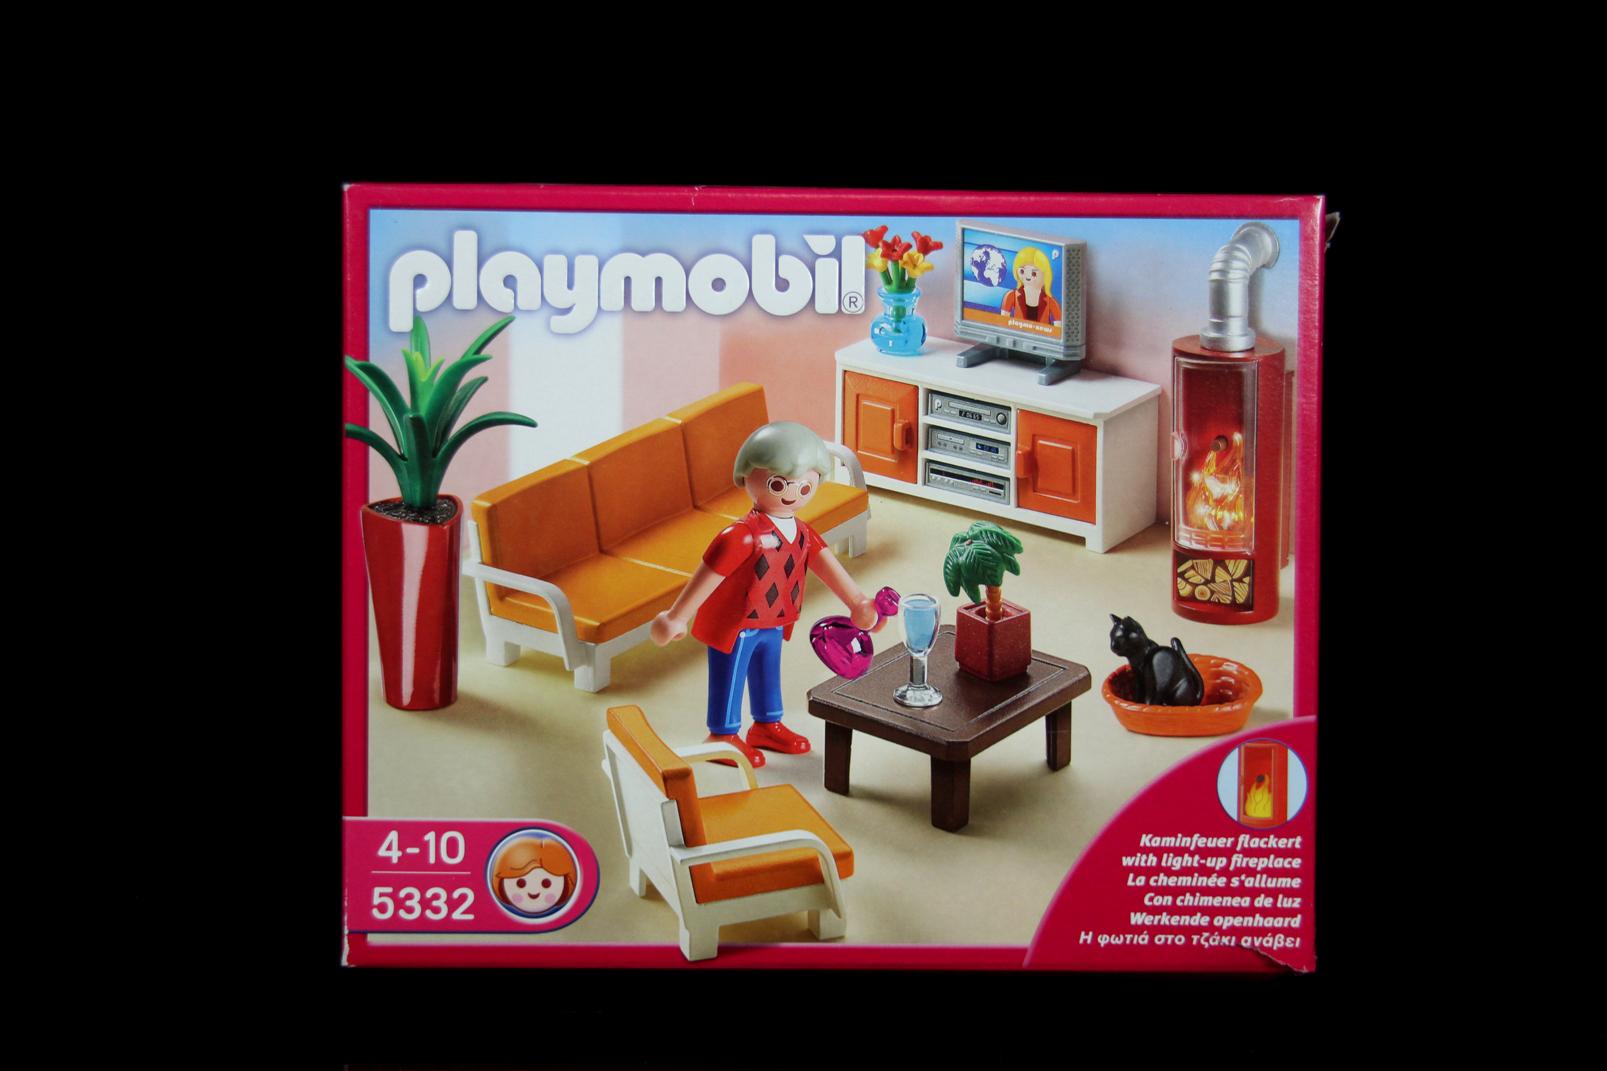 Playmobil 5332 behagliches wohnzimmer mit kamin stube - Playmobil wohnzimmer 5332 ...